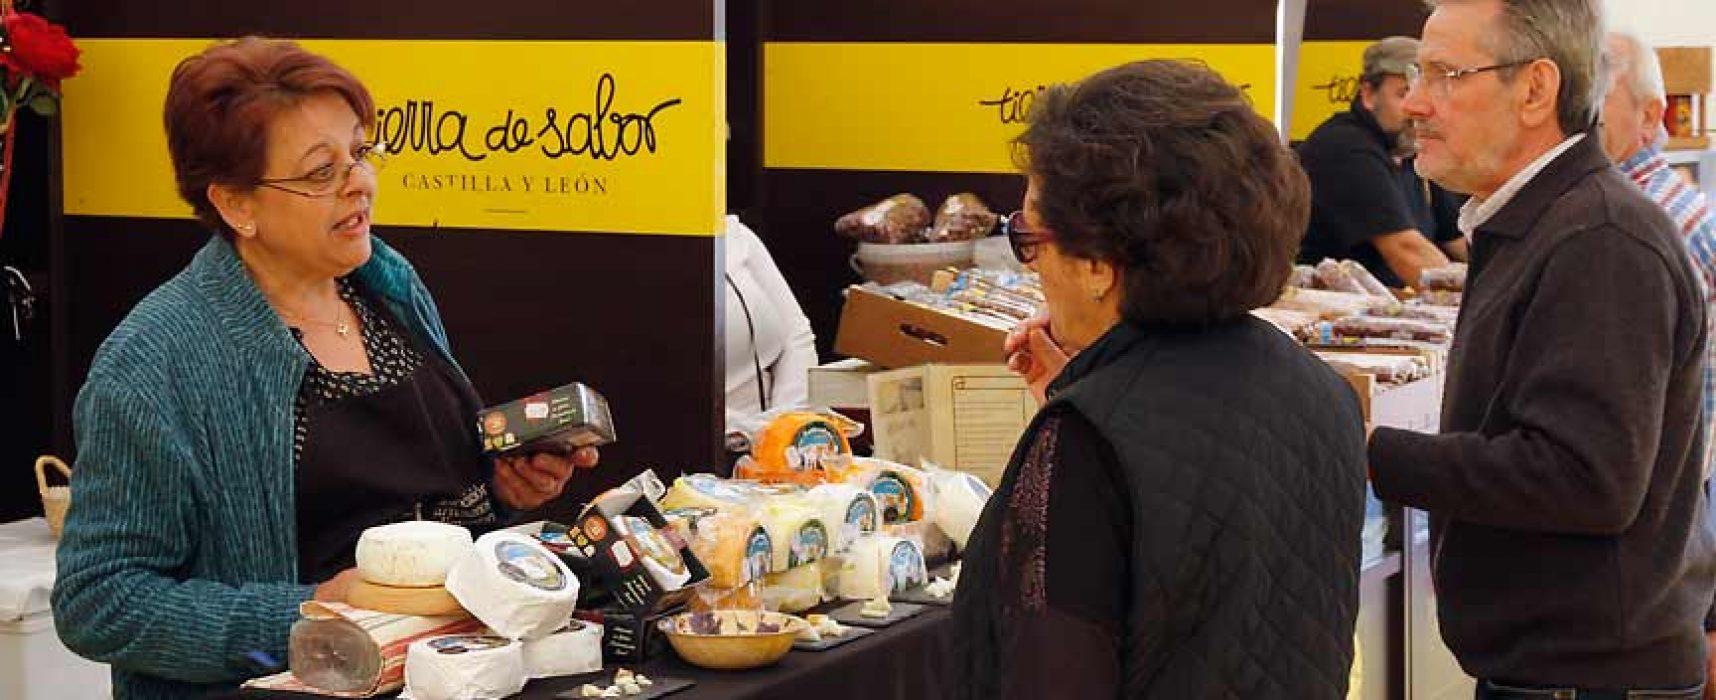 Quince artesanos ofrecen sus productos en la carpa Tierra de Sabor junto al Castillo